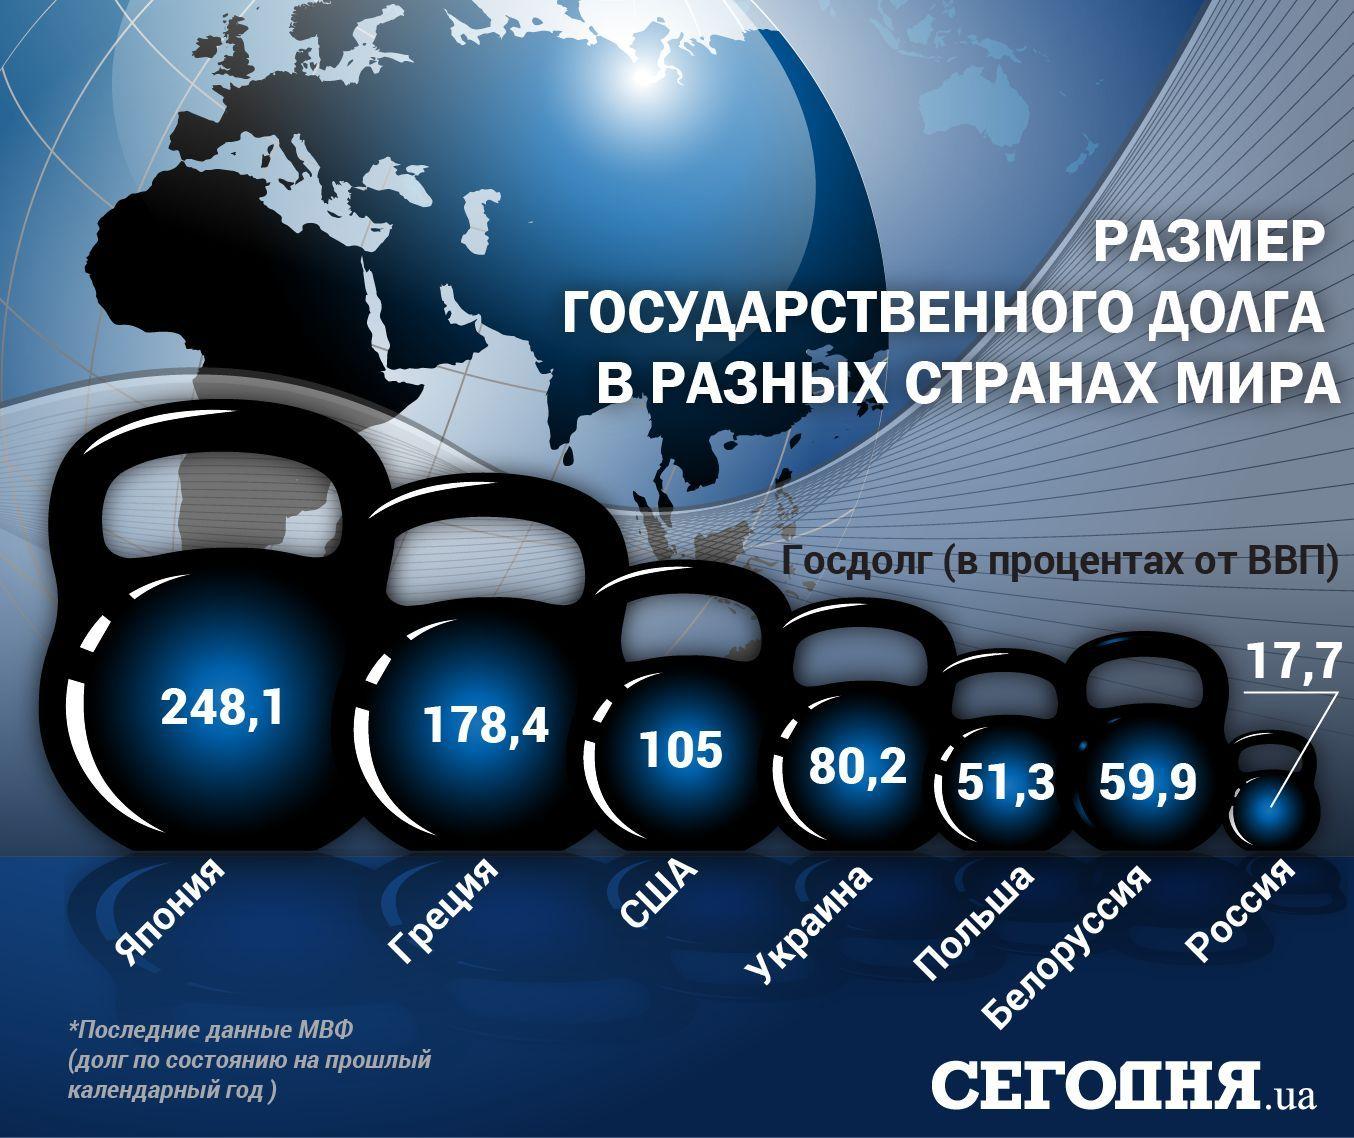 Госдолг Украины уменьшился на0,4%